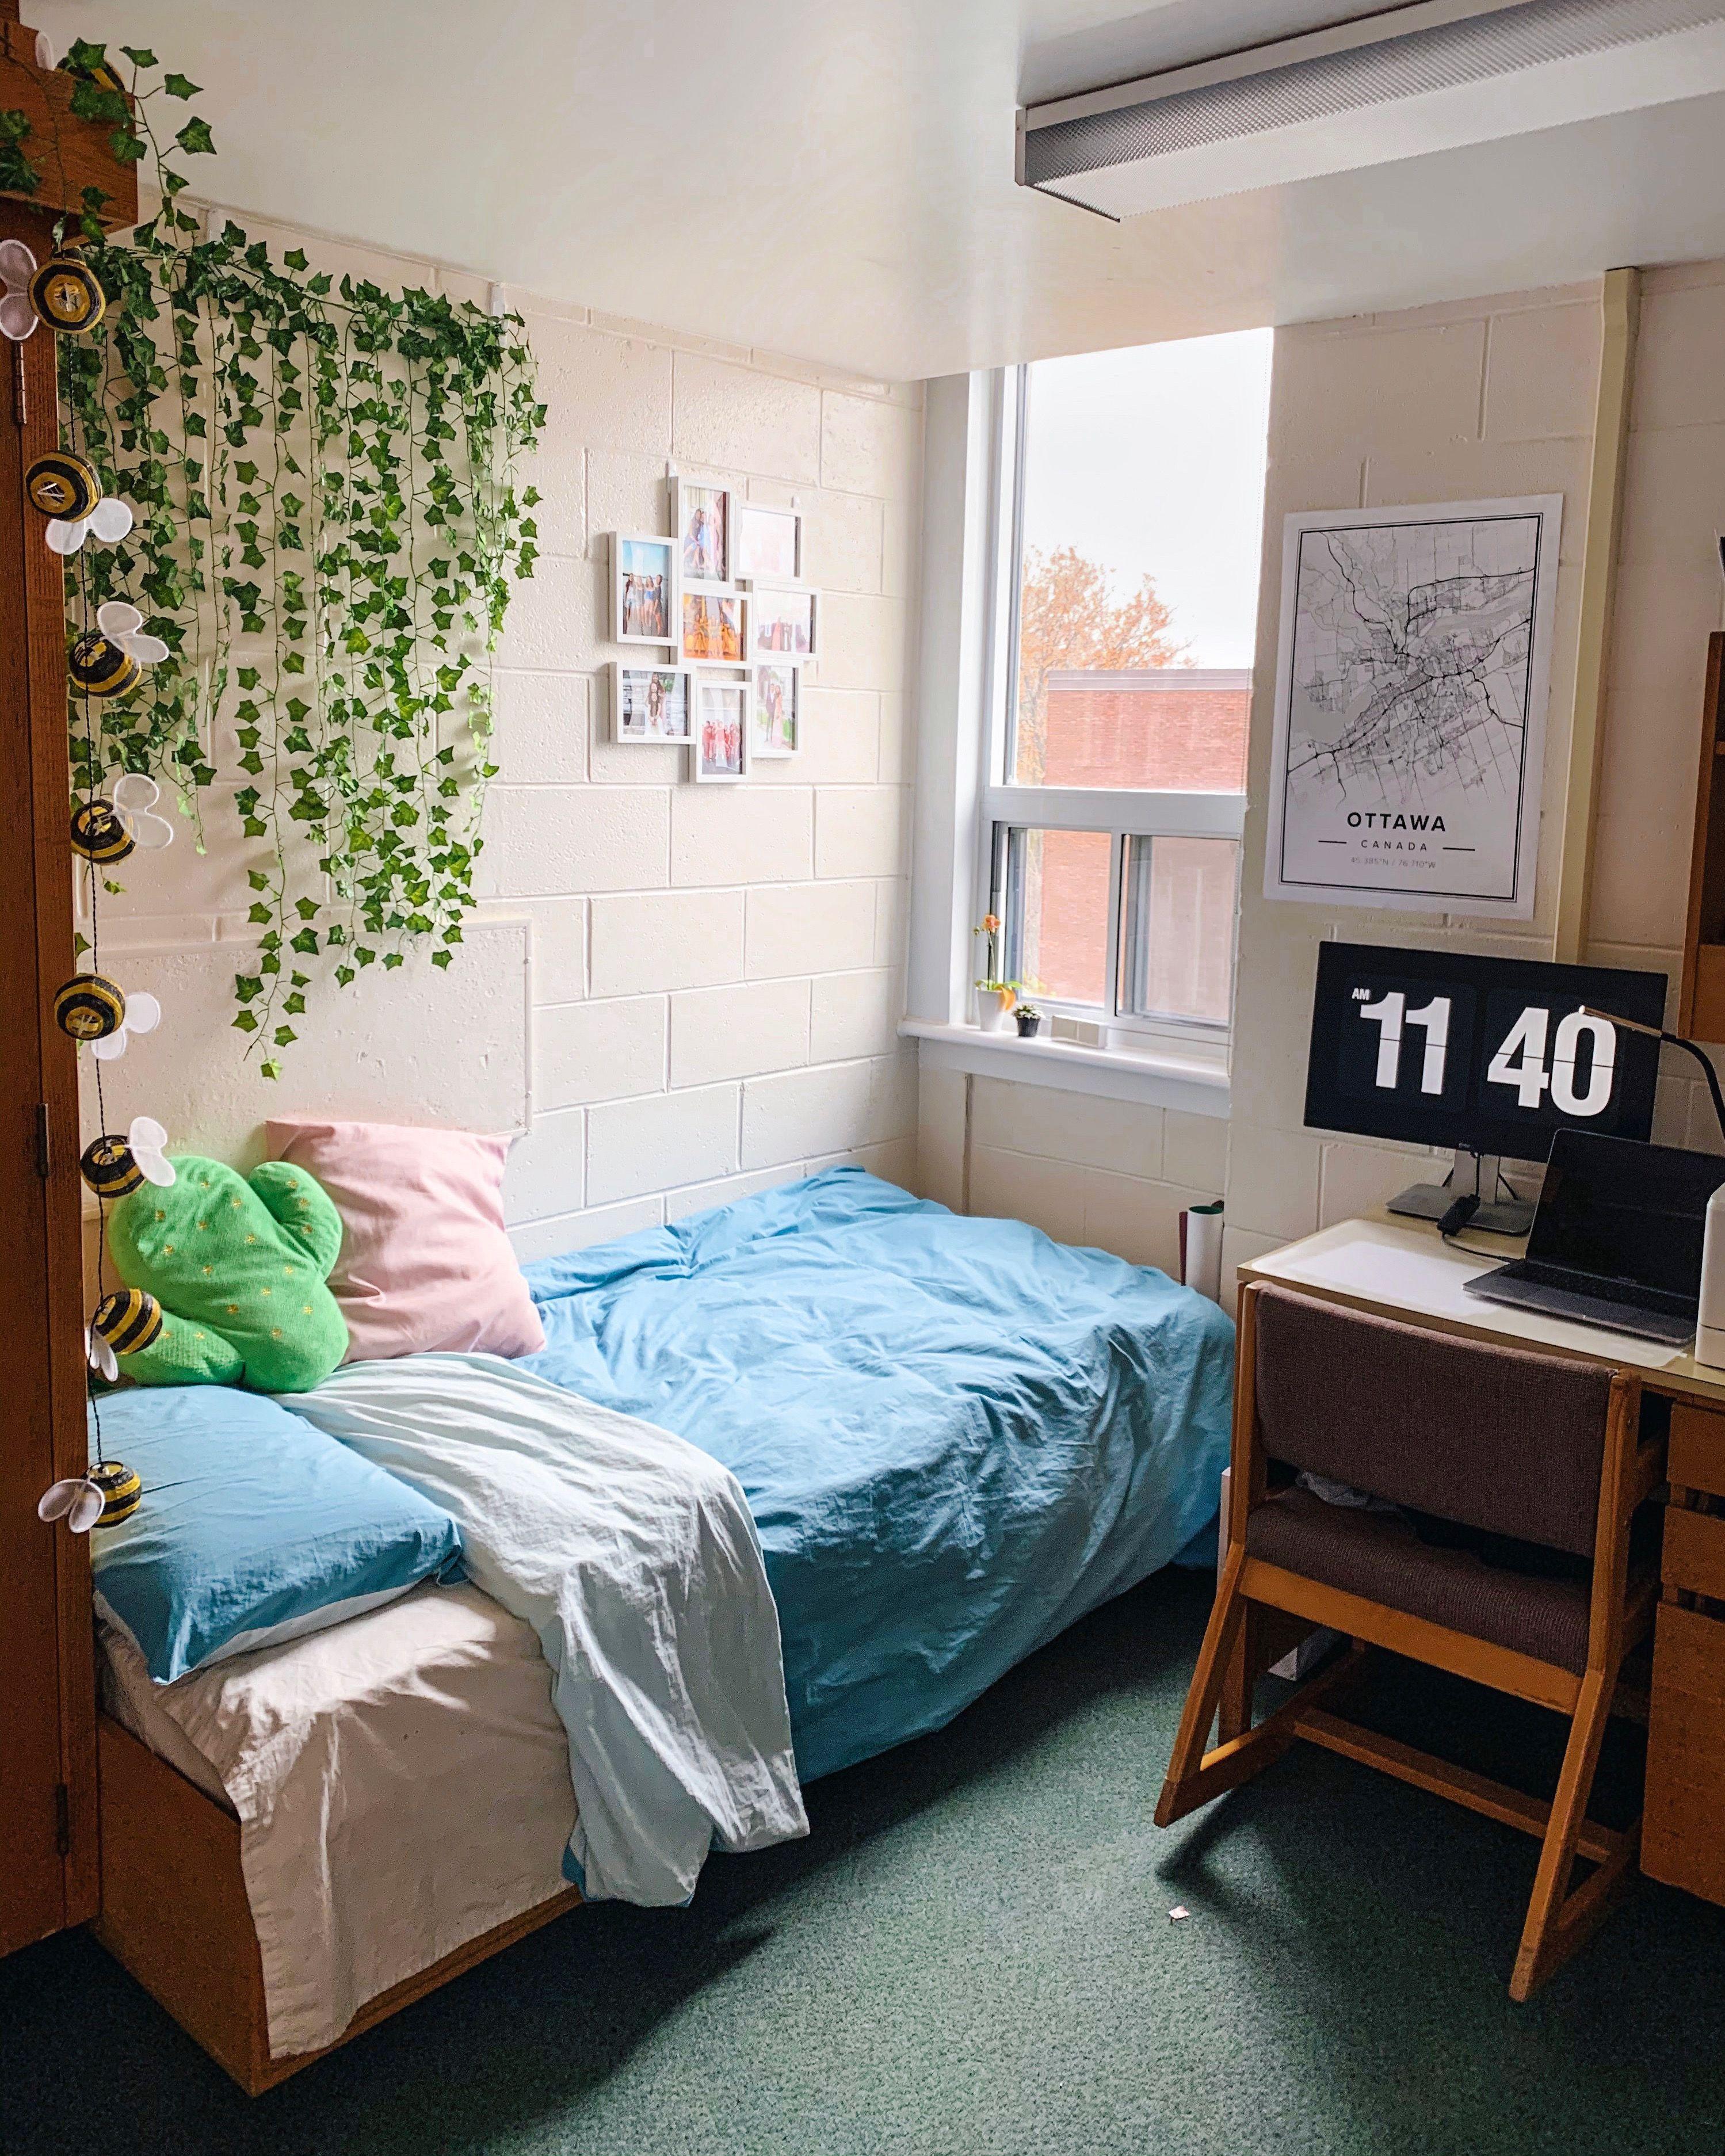 Top Dorm Room Design And Decor Ottawa